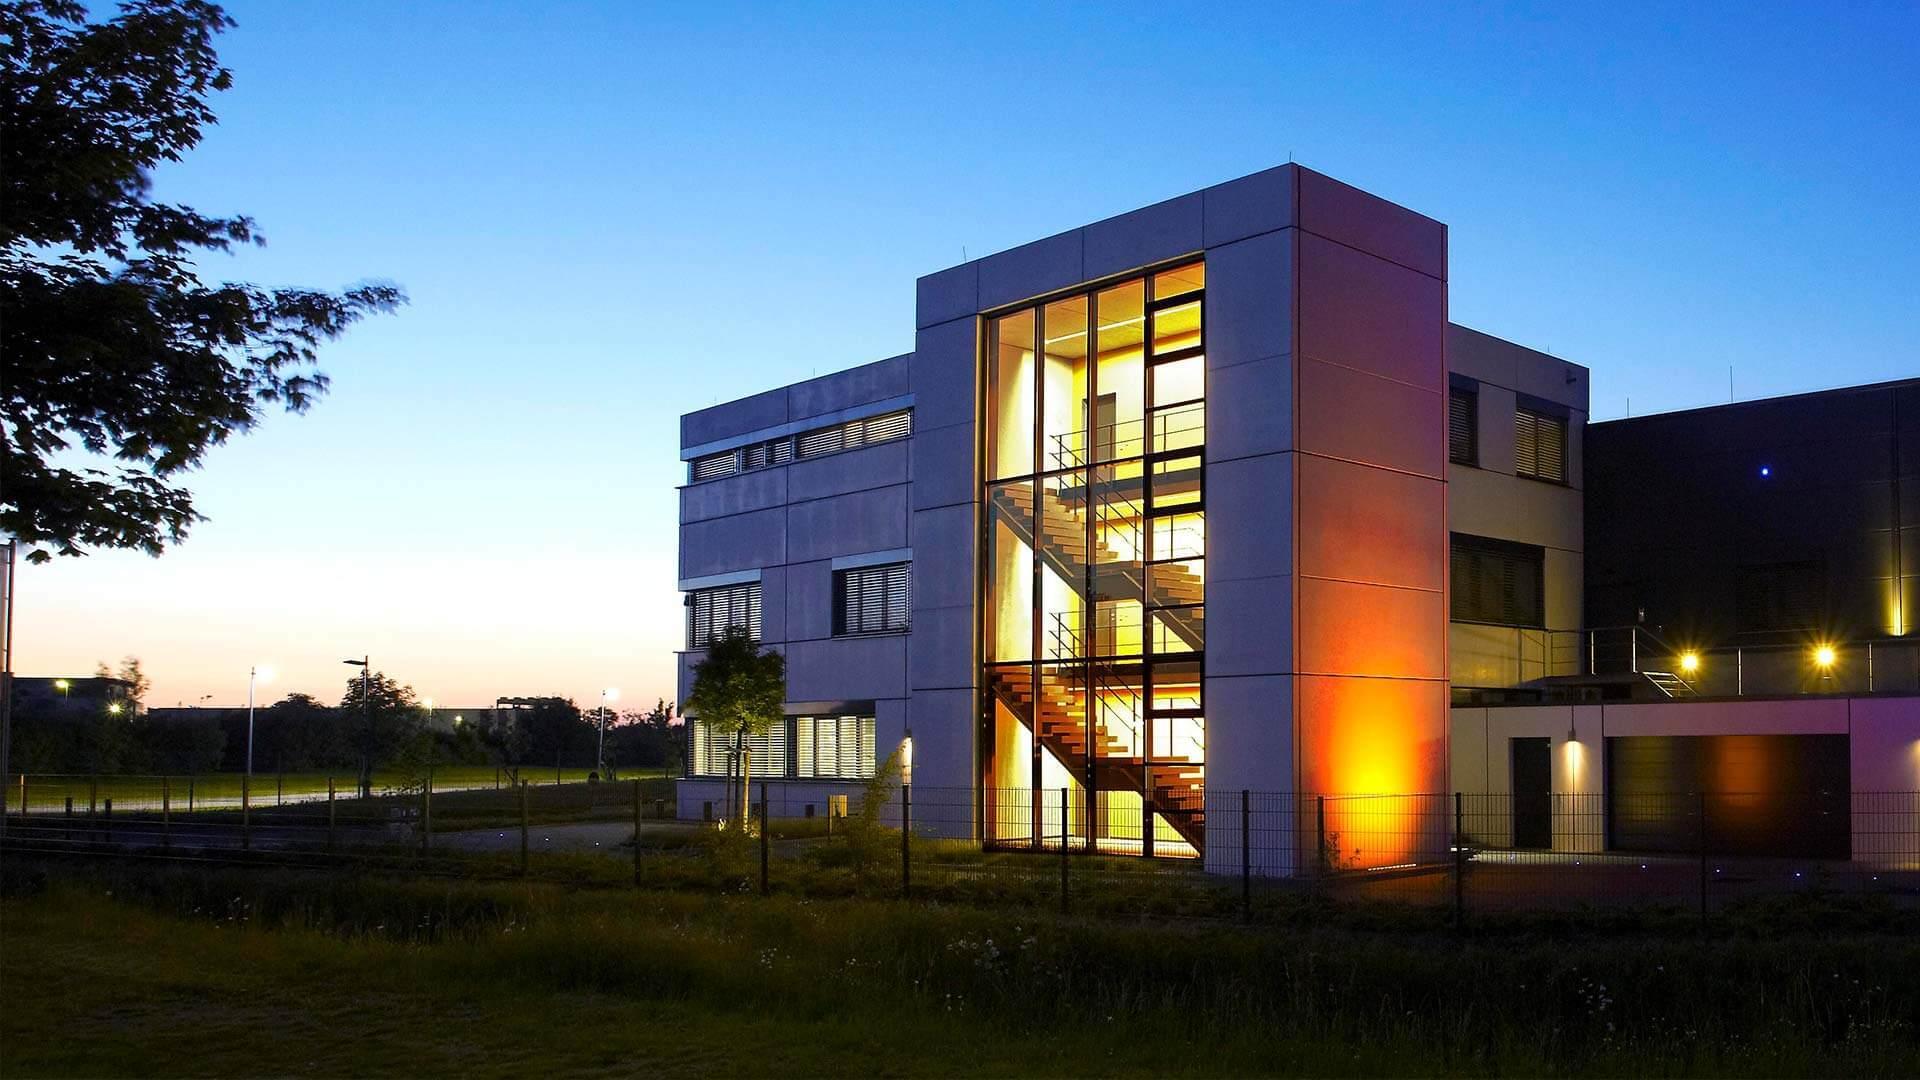 aixFOAM Schallschutz -  Das hochmoderne Produktionsgebäude in Eschweiler